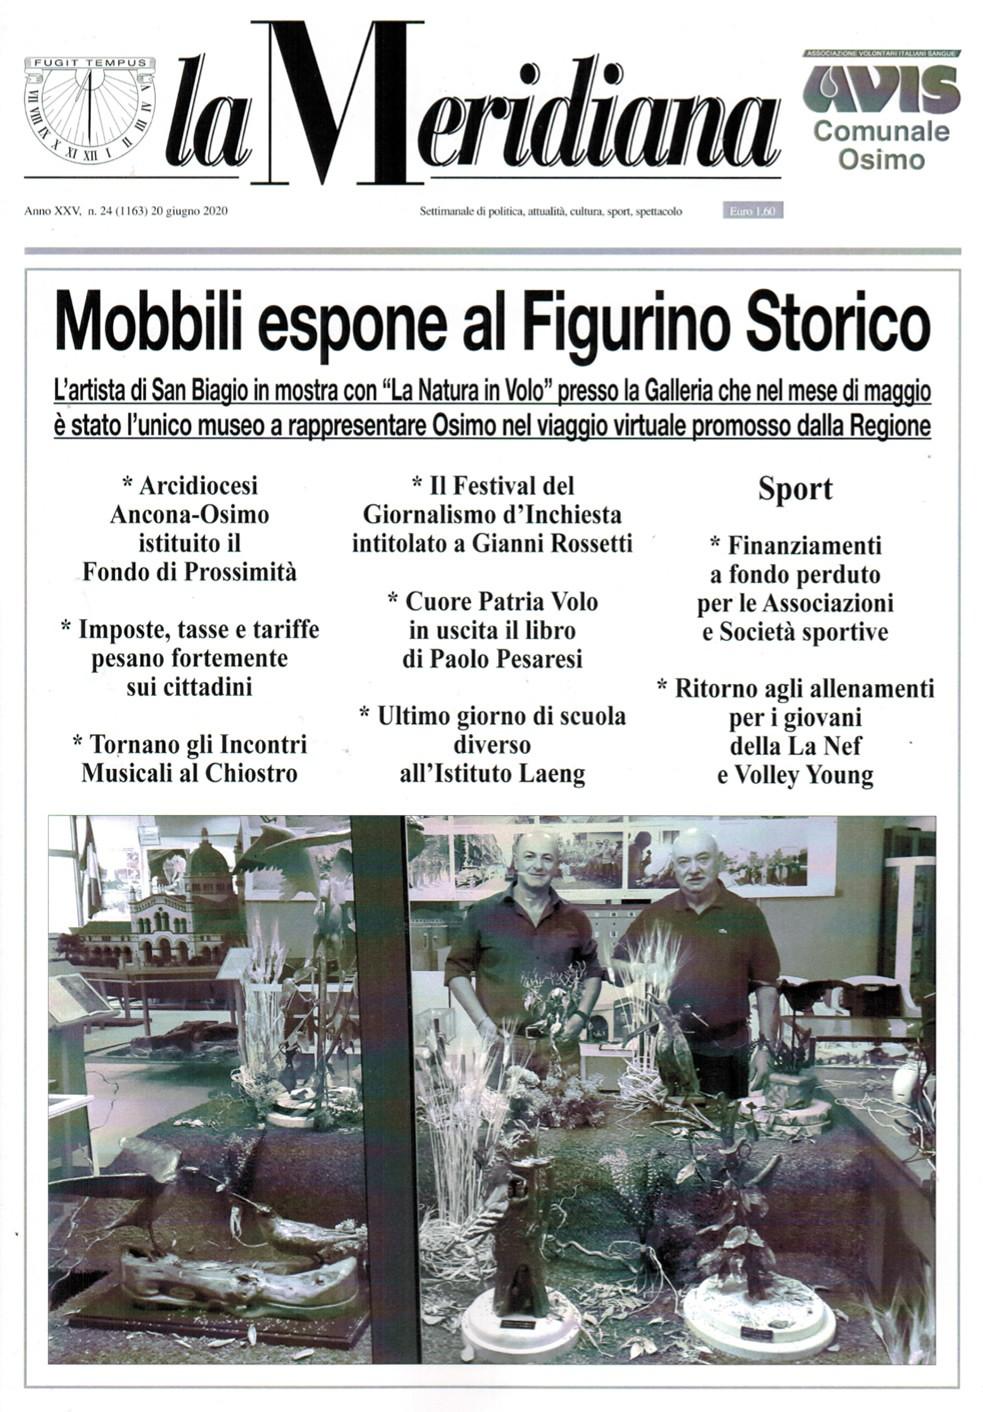 La Meridiana - Mobbili espone al Figurino Storico | Civica Galleria del Figurino Storico